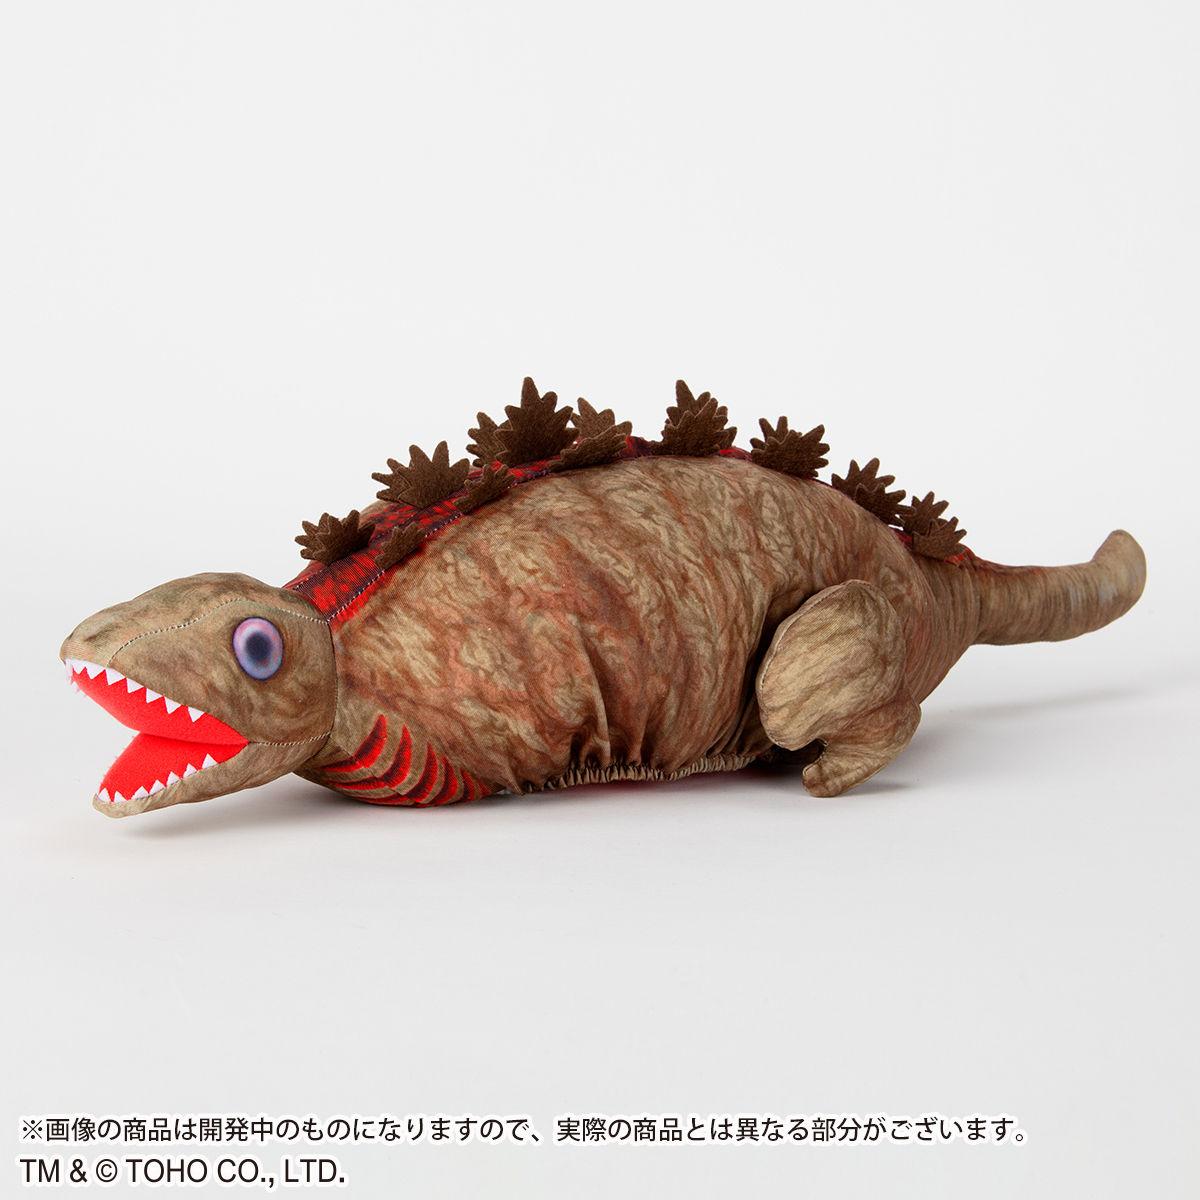 【限定販売】シン・ゴジラ『ゴジラ第2形態 フローリングワイパーカバー』グッズ-002